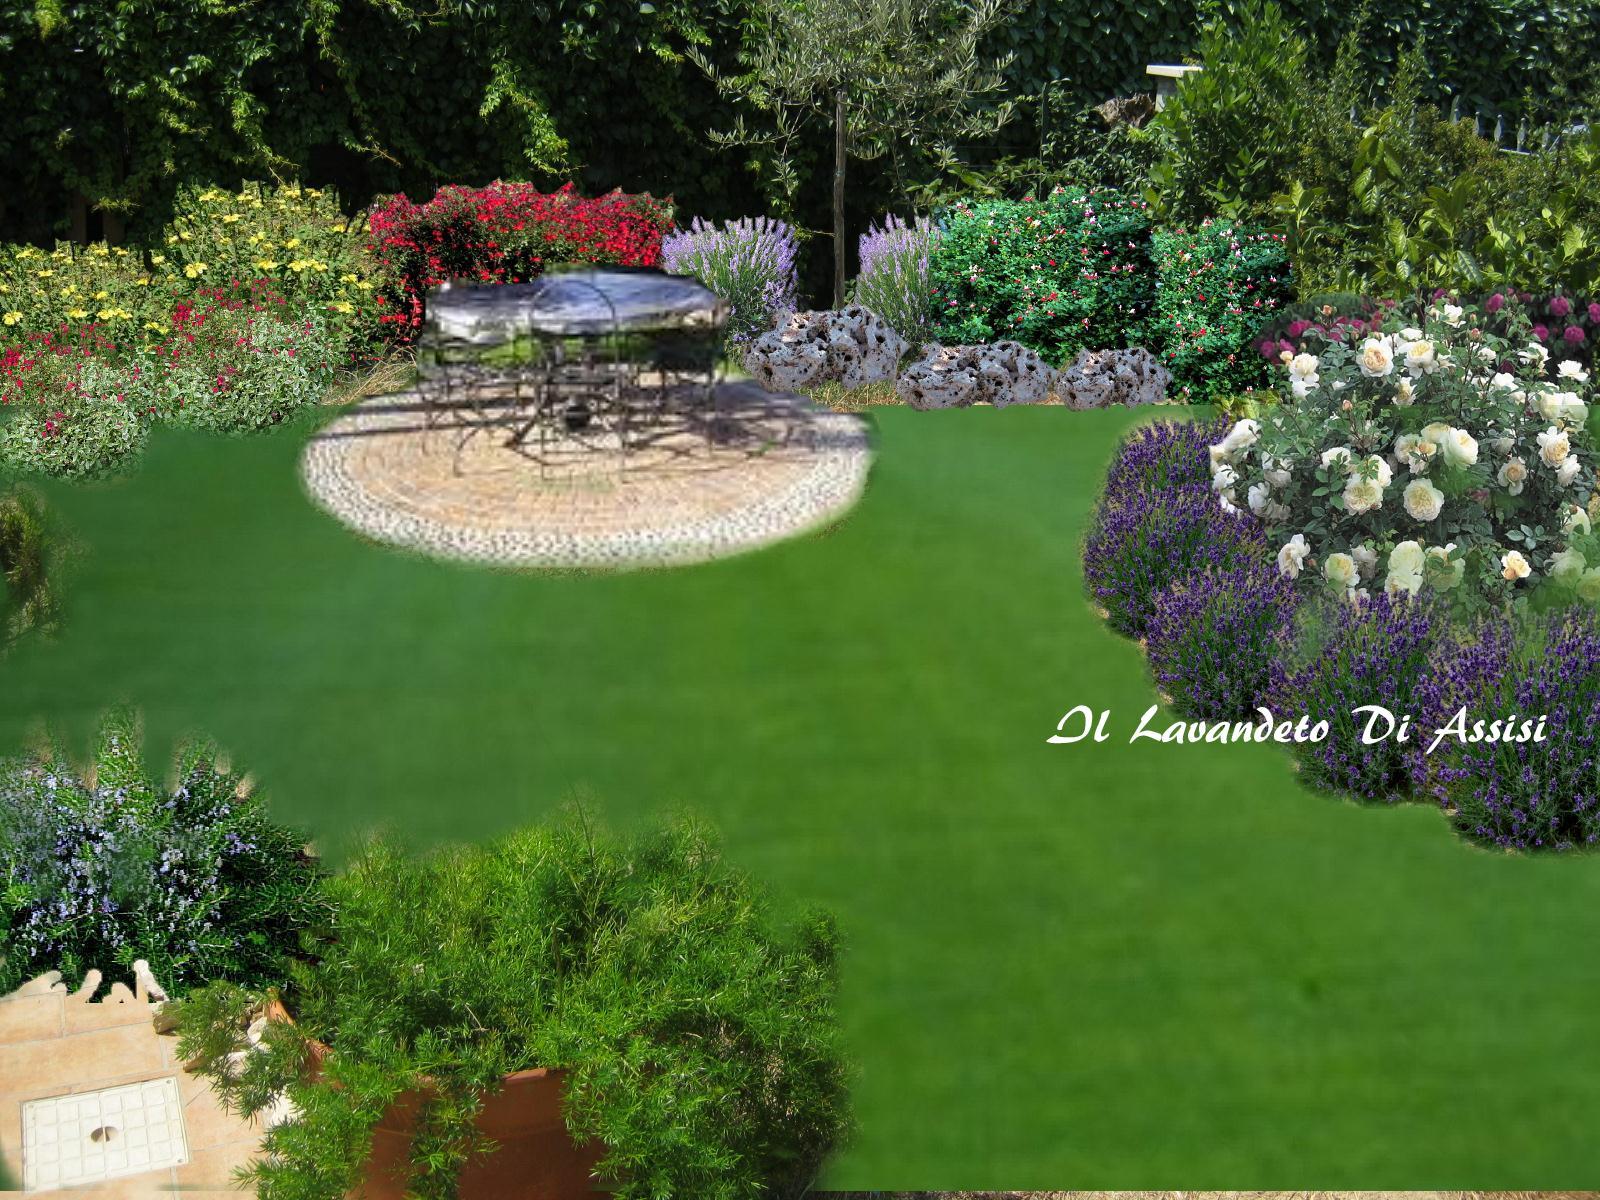 Progettazione giardini privati progetti giardini immagini for Progettare giardini online